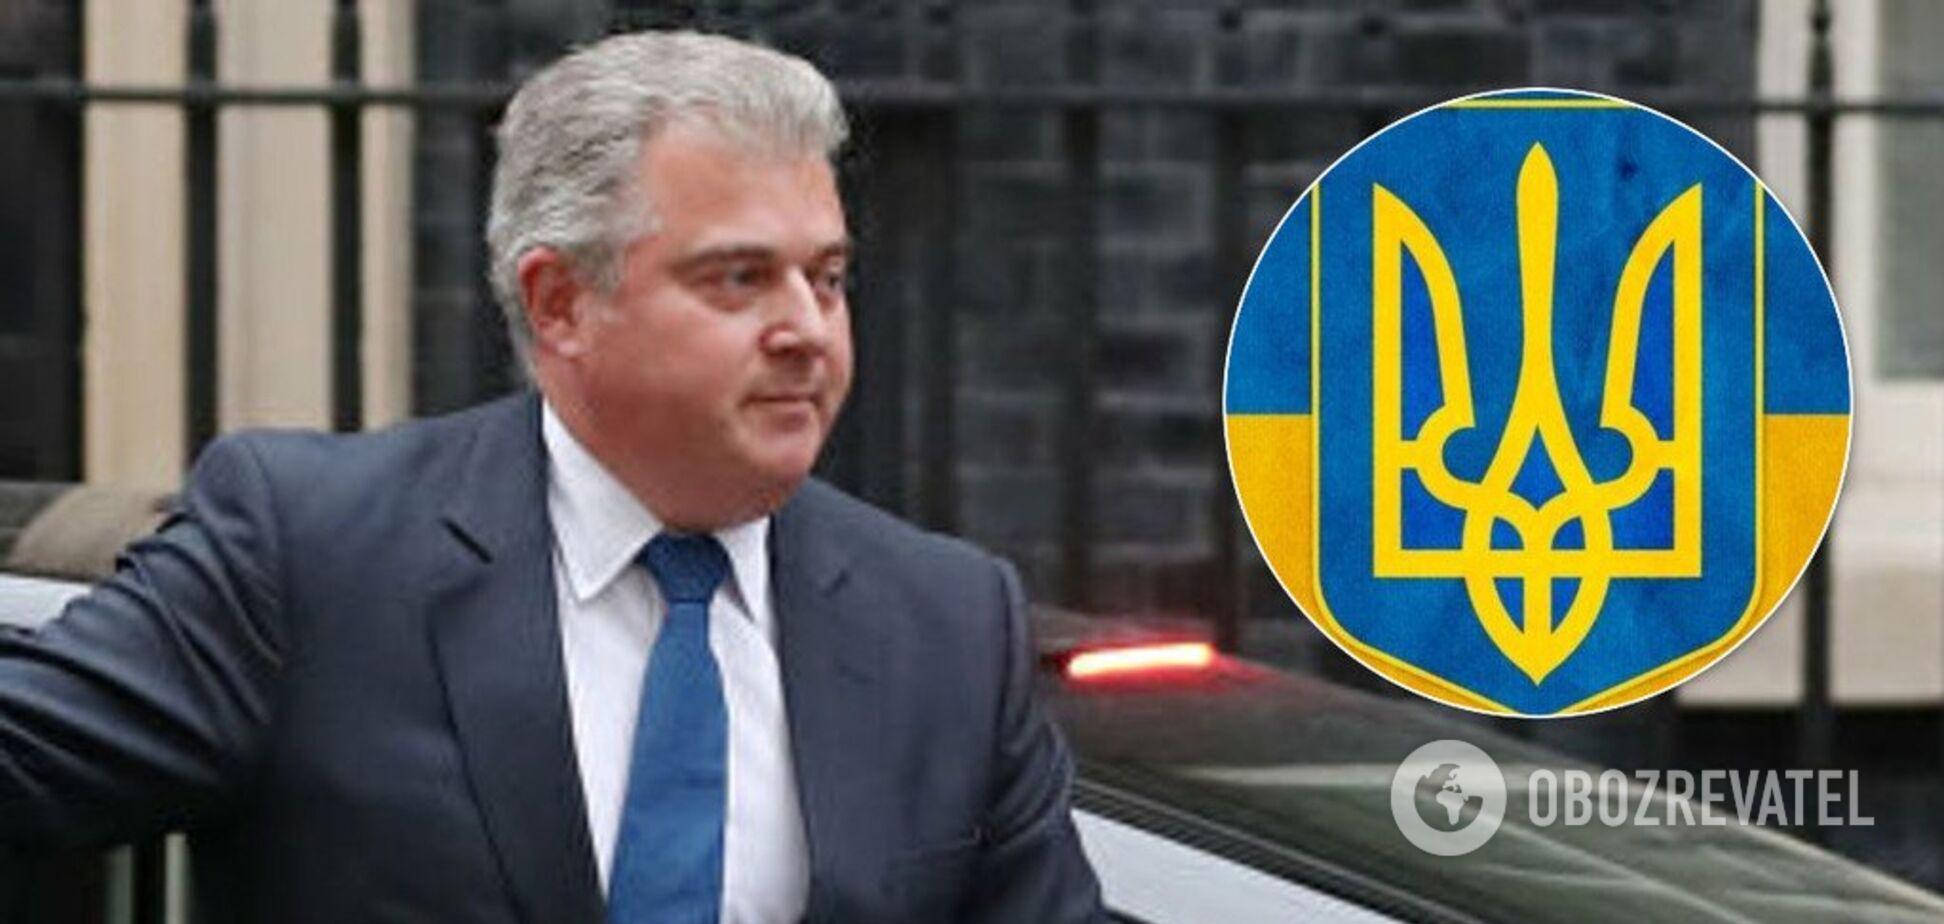 'Символ радикалов': в Британии оправдались за оскорбление тризуба Украины